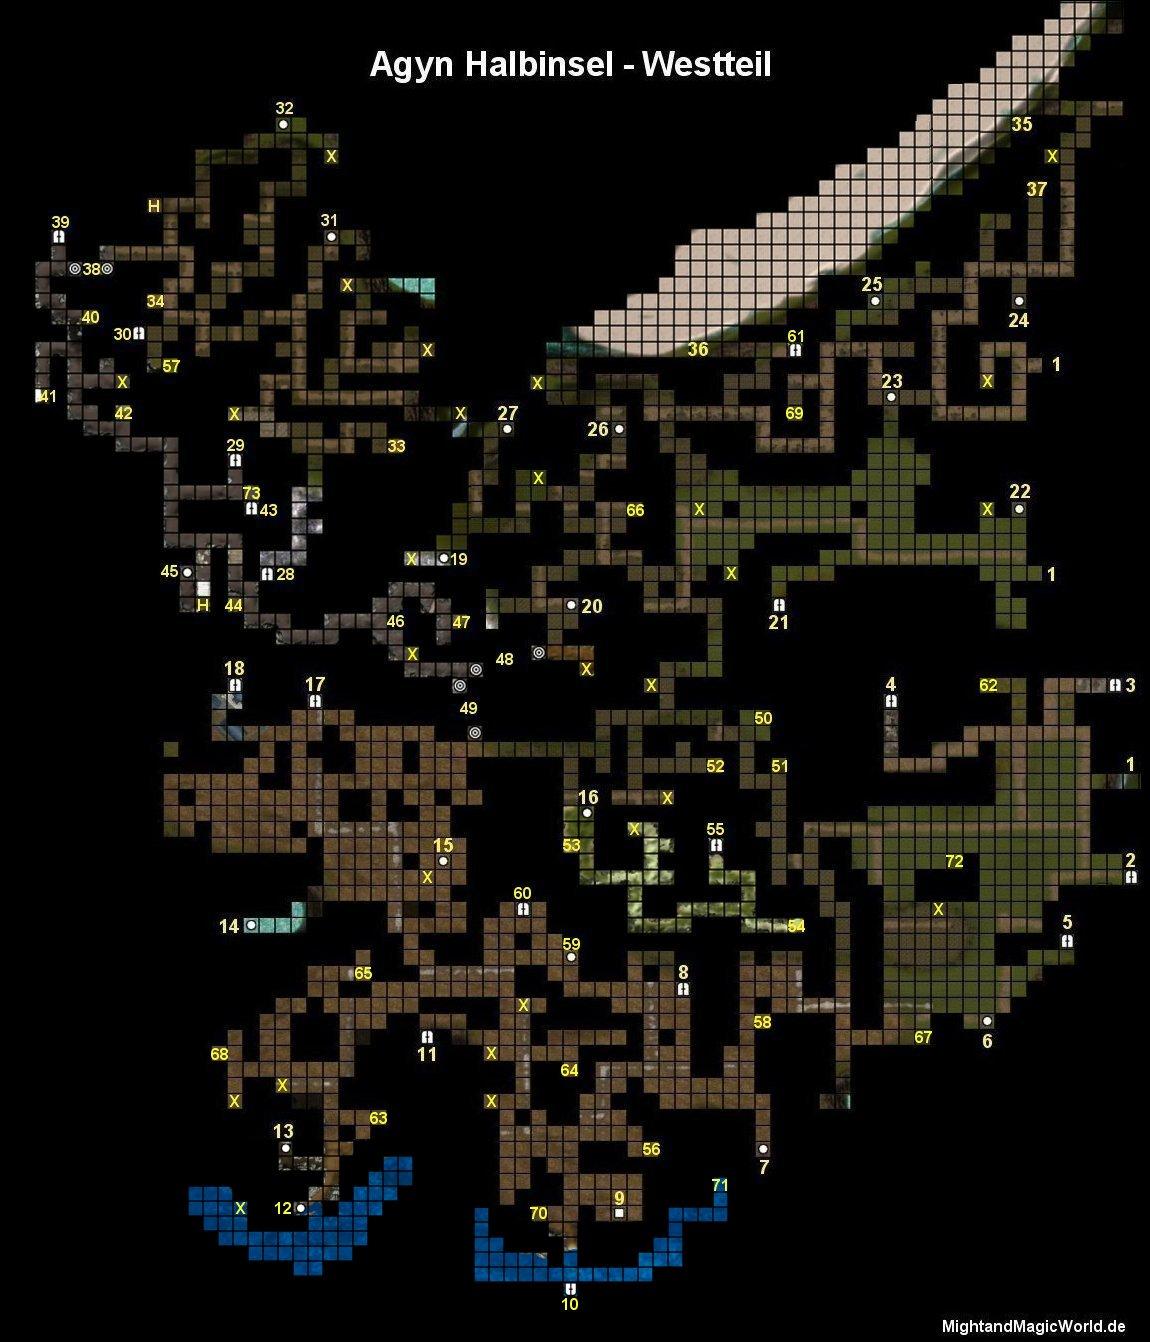 Map der Agyn Halbinsel - Westteil